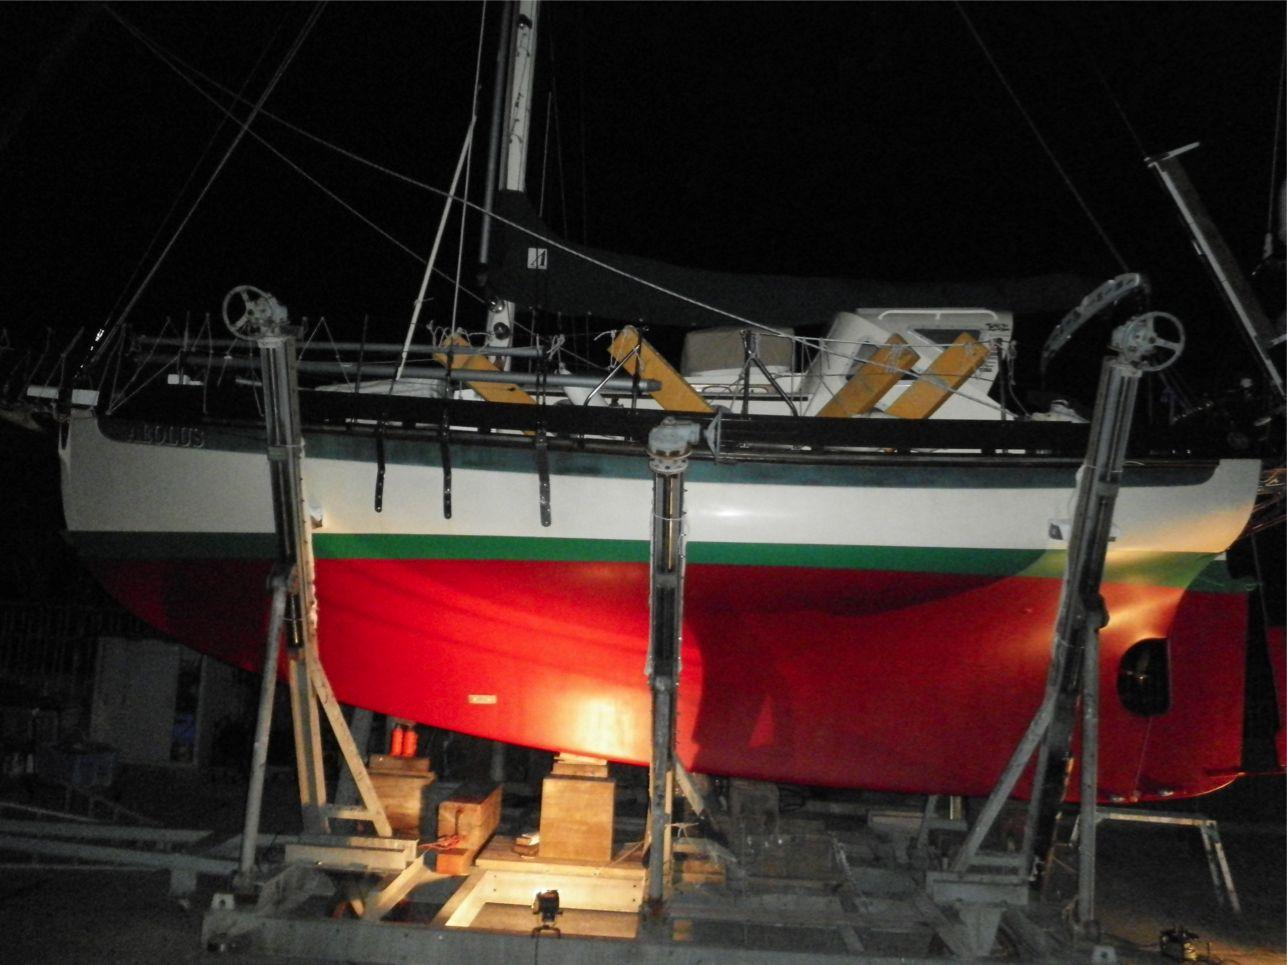 船底整備のすべて⑬ ハル 船底塗料033赤 塗装後_a0051924_22353473.jpg